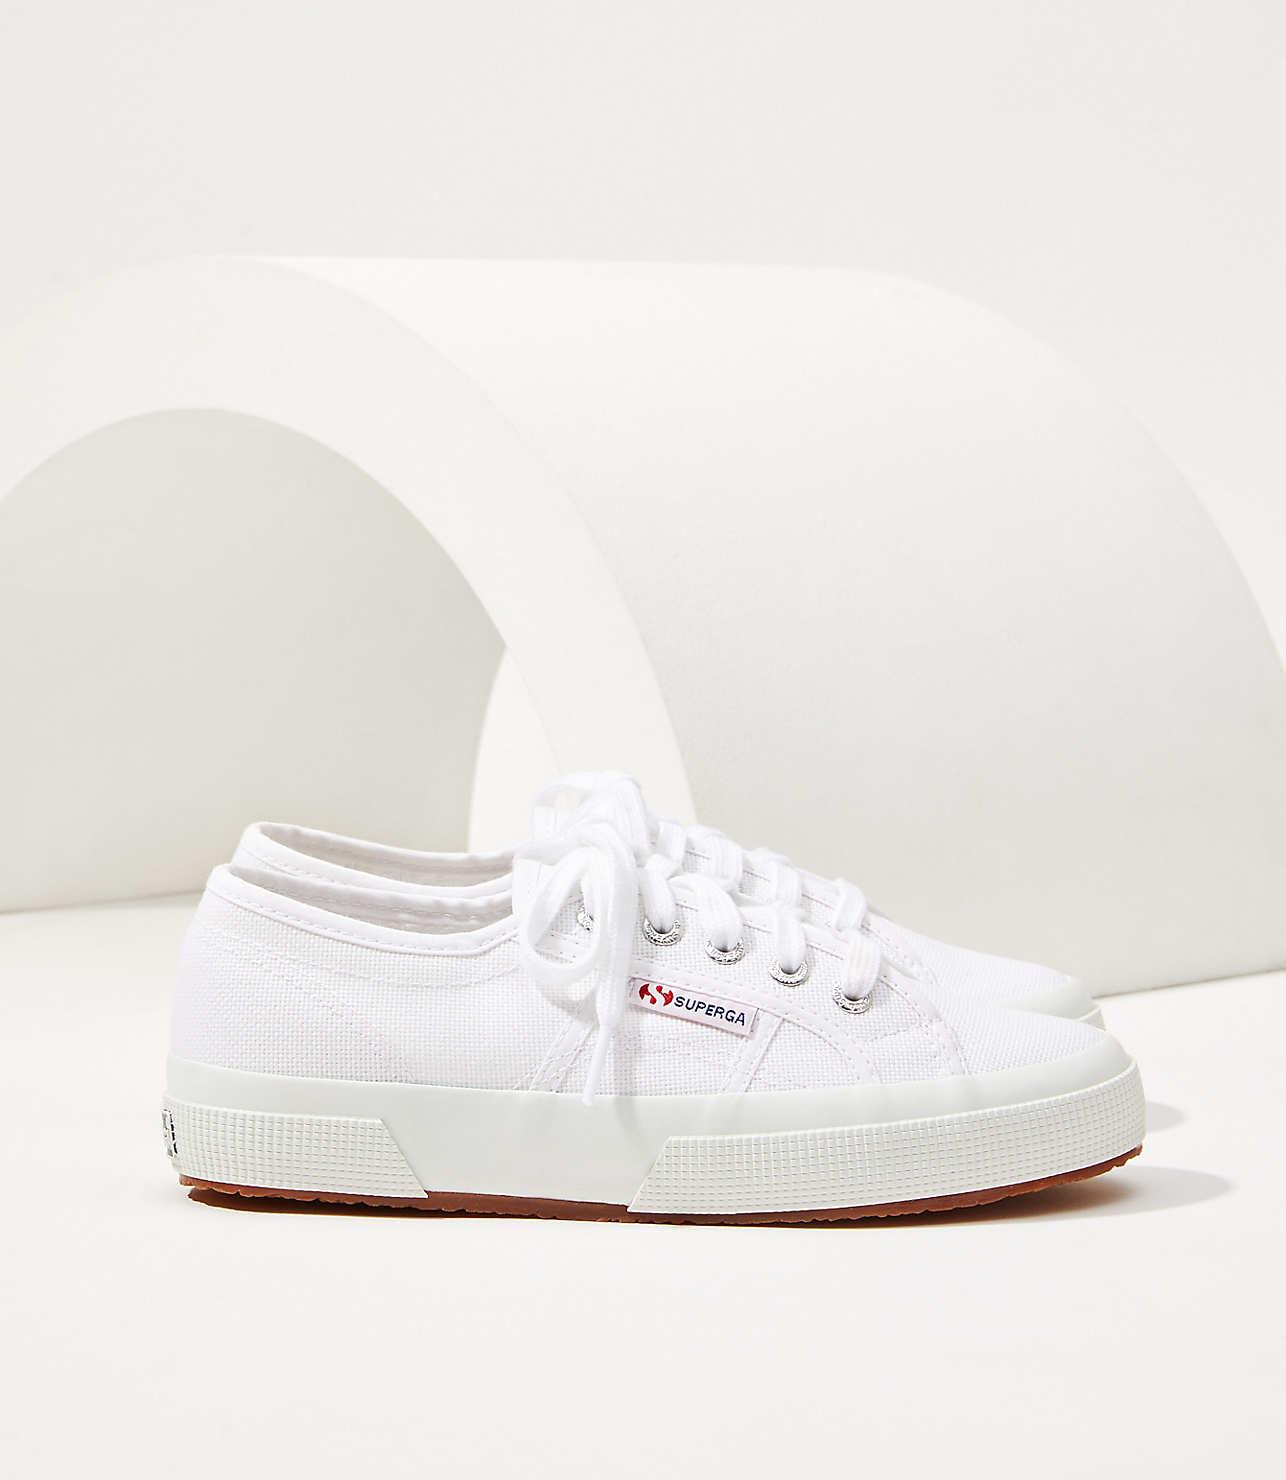 Superga 2750 Cotu Classic Sneakers | LOFT